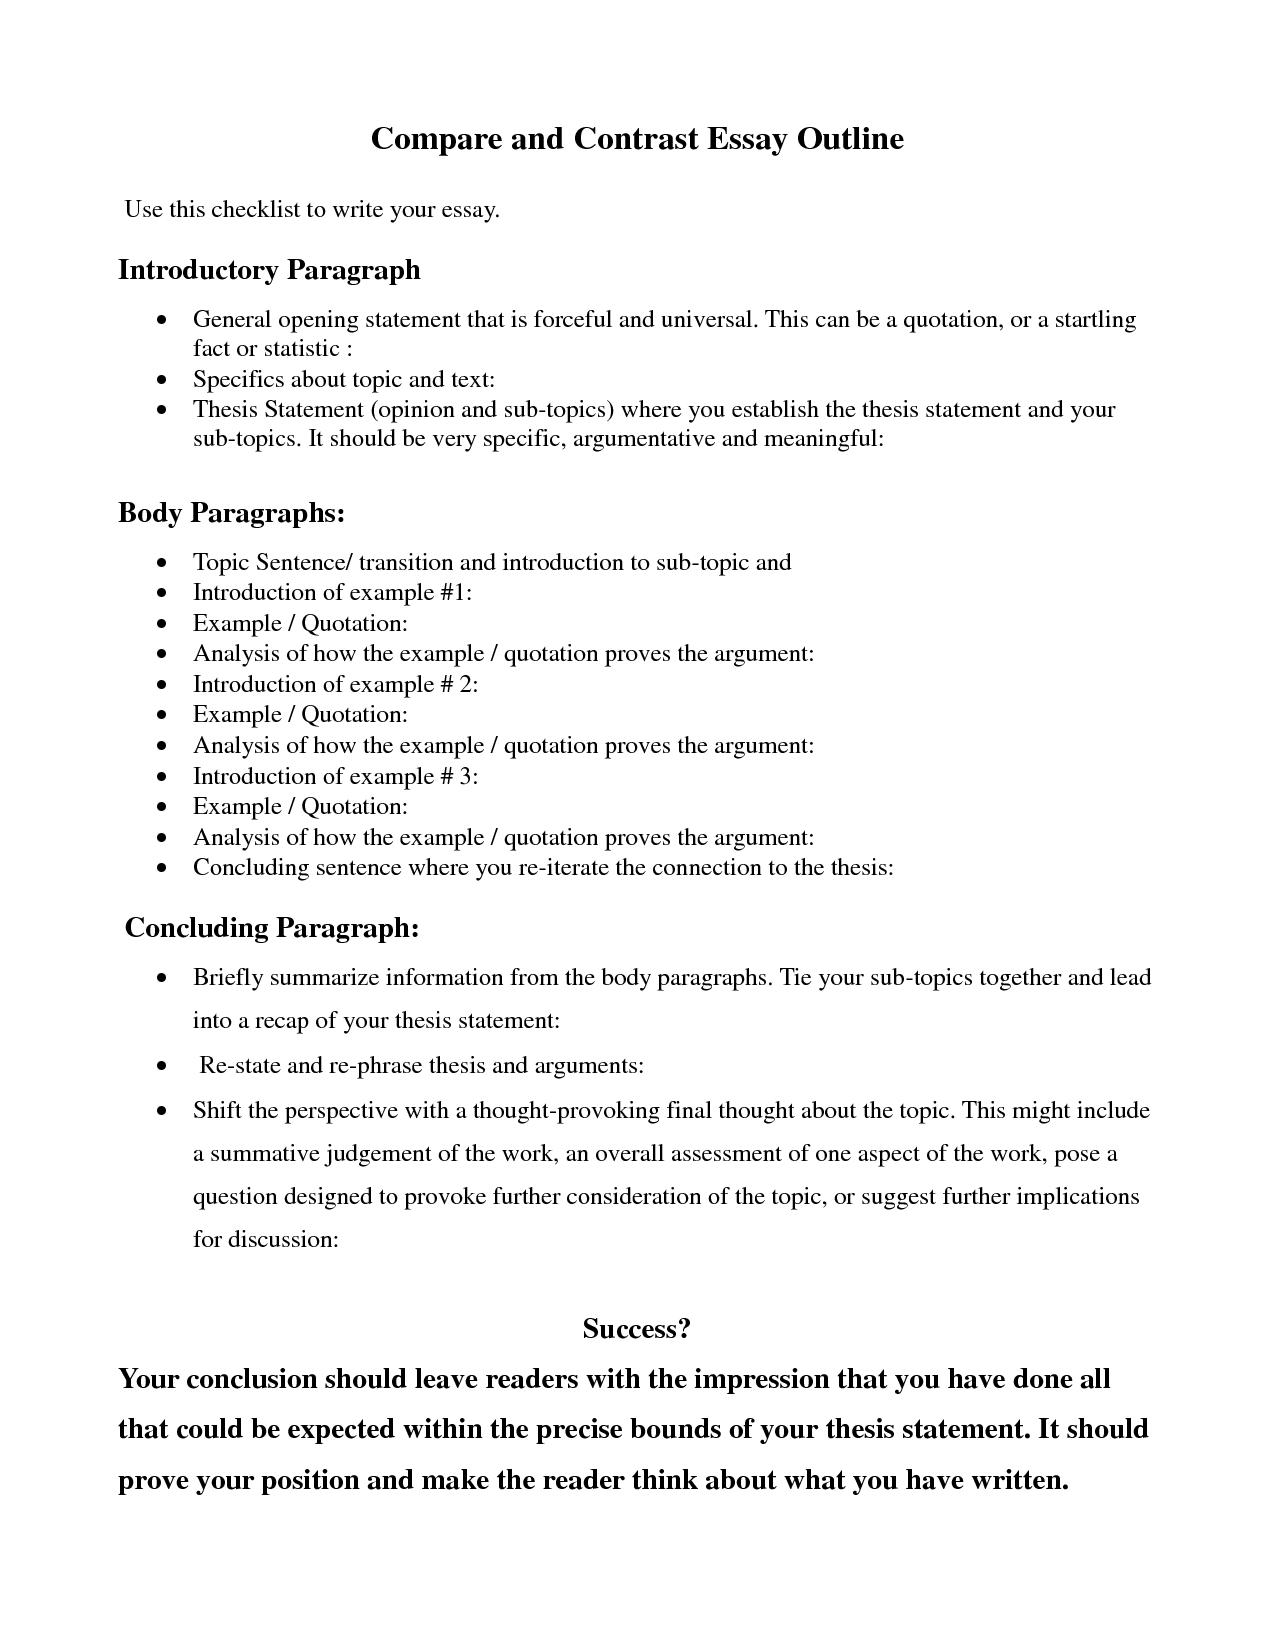 007 Outline Of Essay Impressive Argumentative Sample Mla Format Full